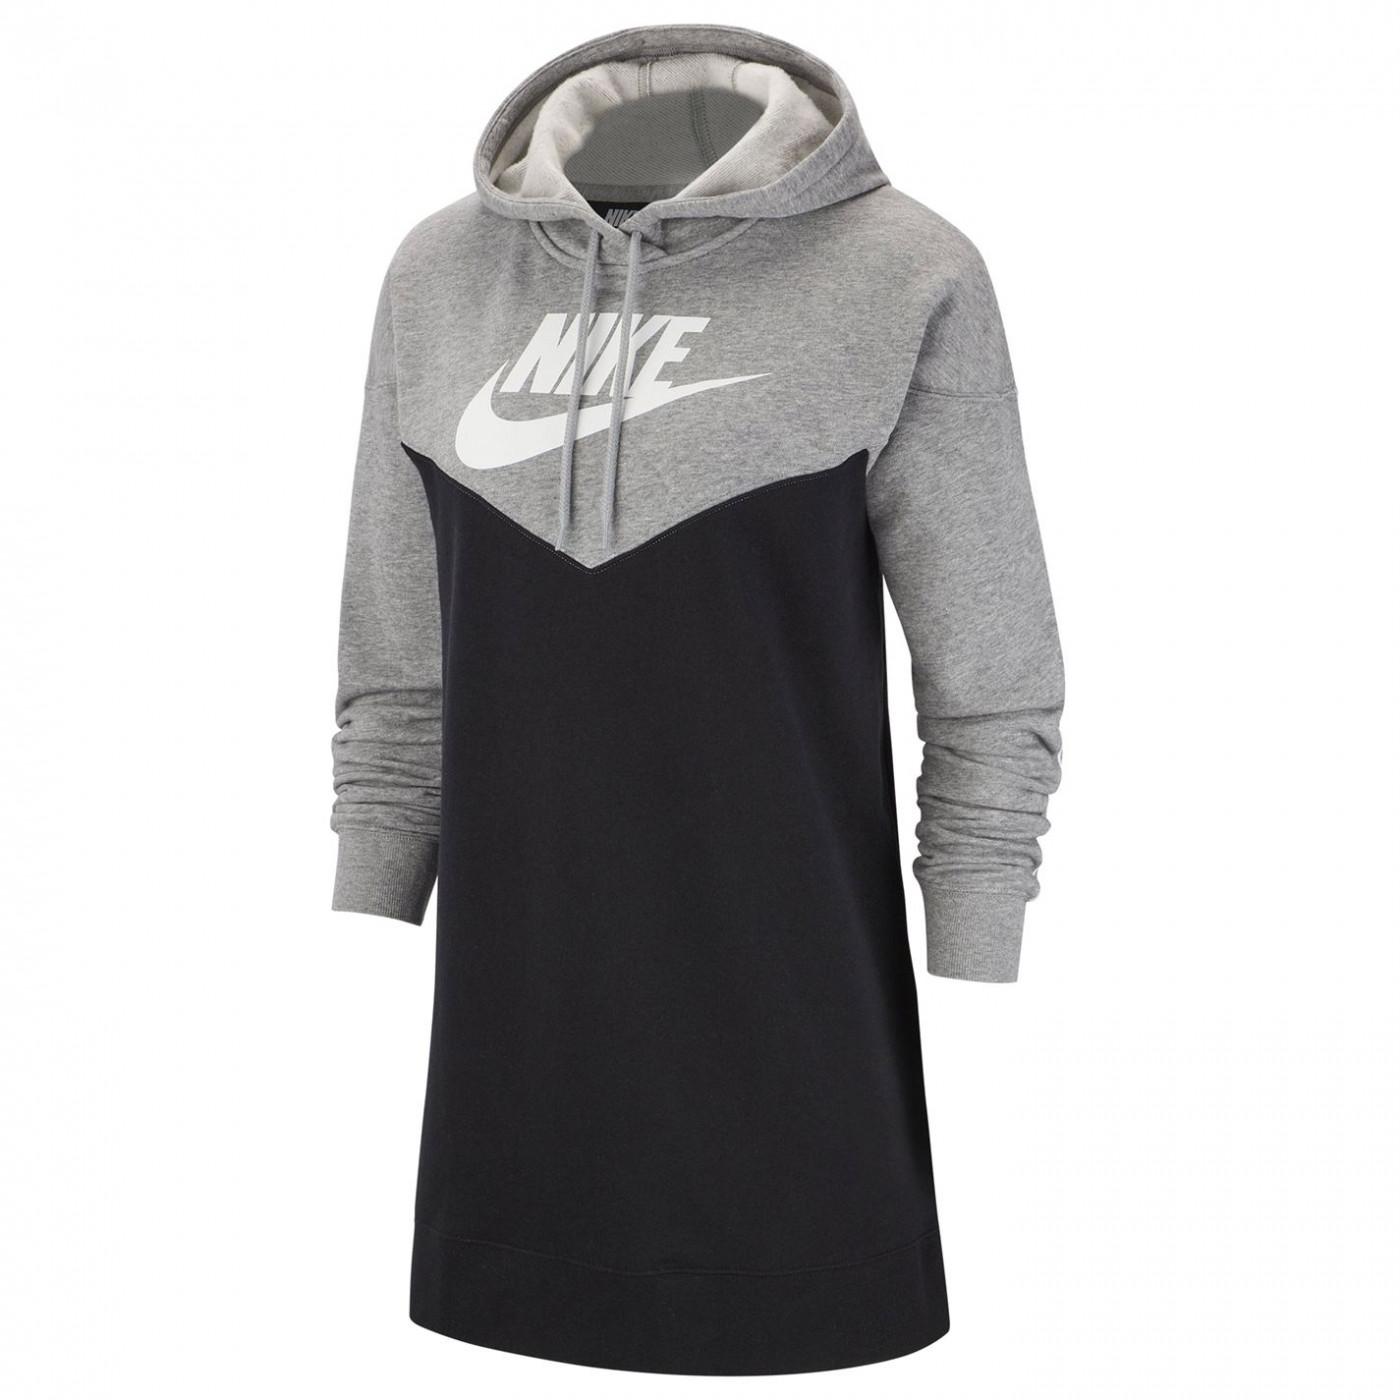 Nike Hoodie Dress Ladies Black/Grey